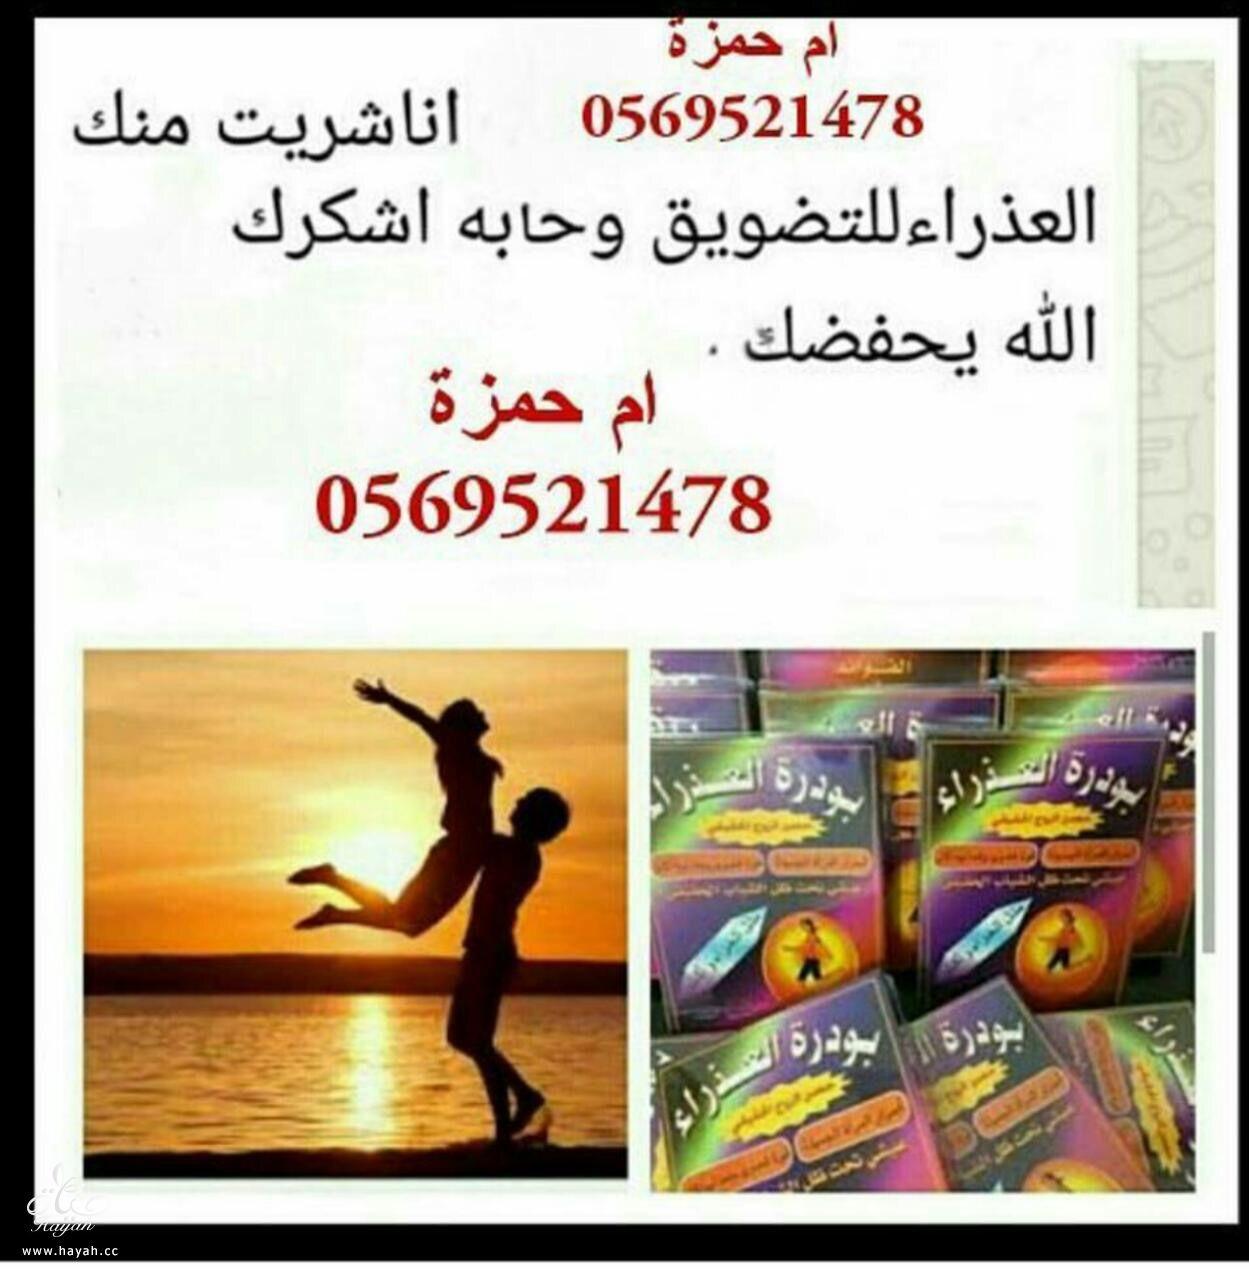 بودرة العذراء الاصليه للشد والتضييق hayahcc_1490636337_533.jpg